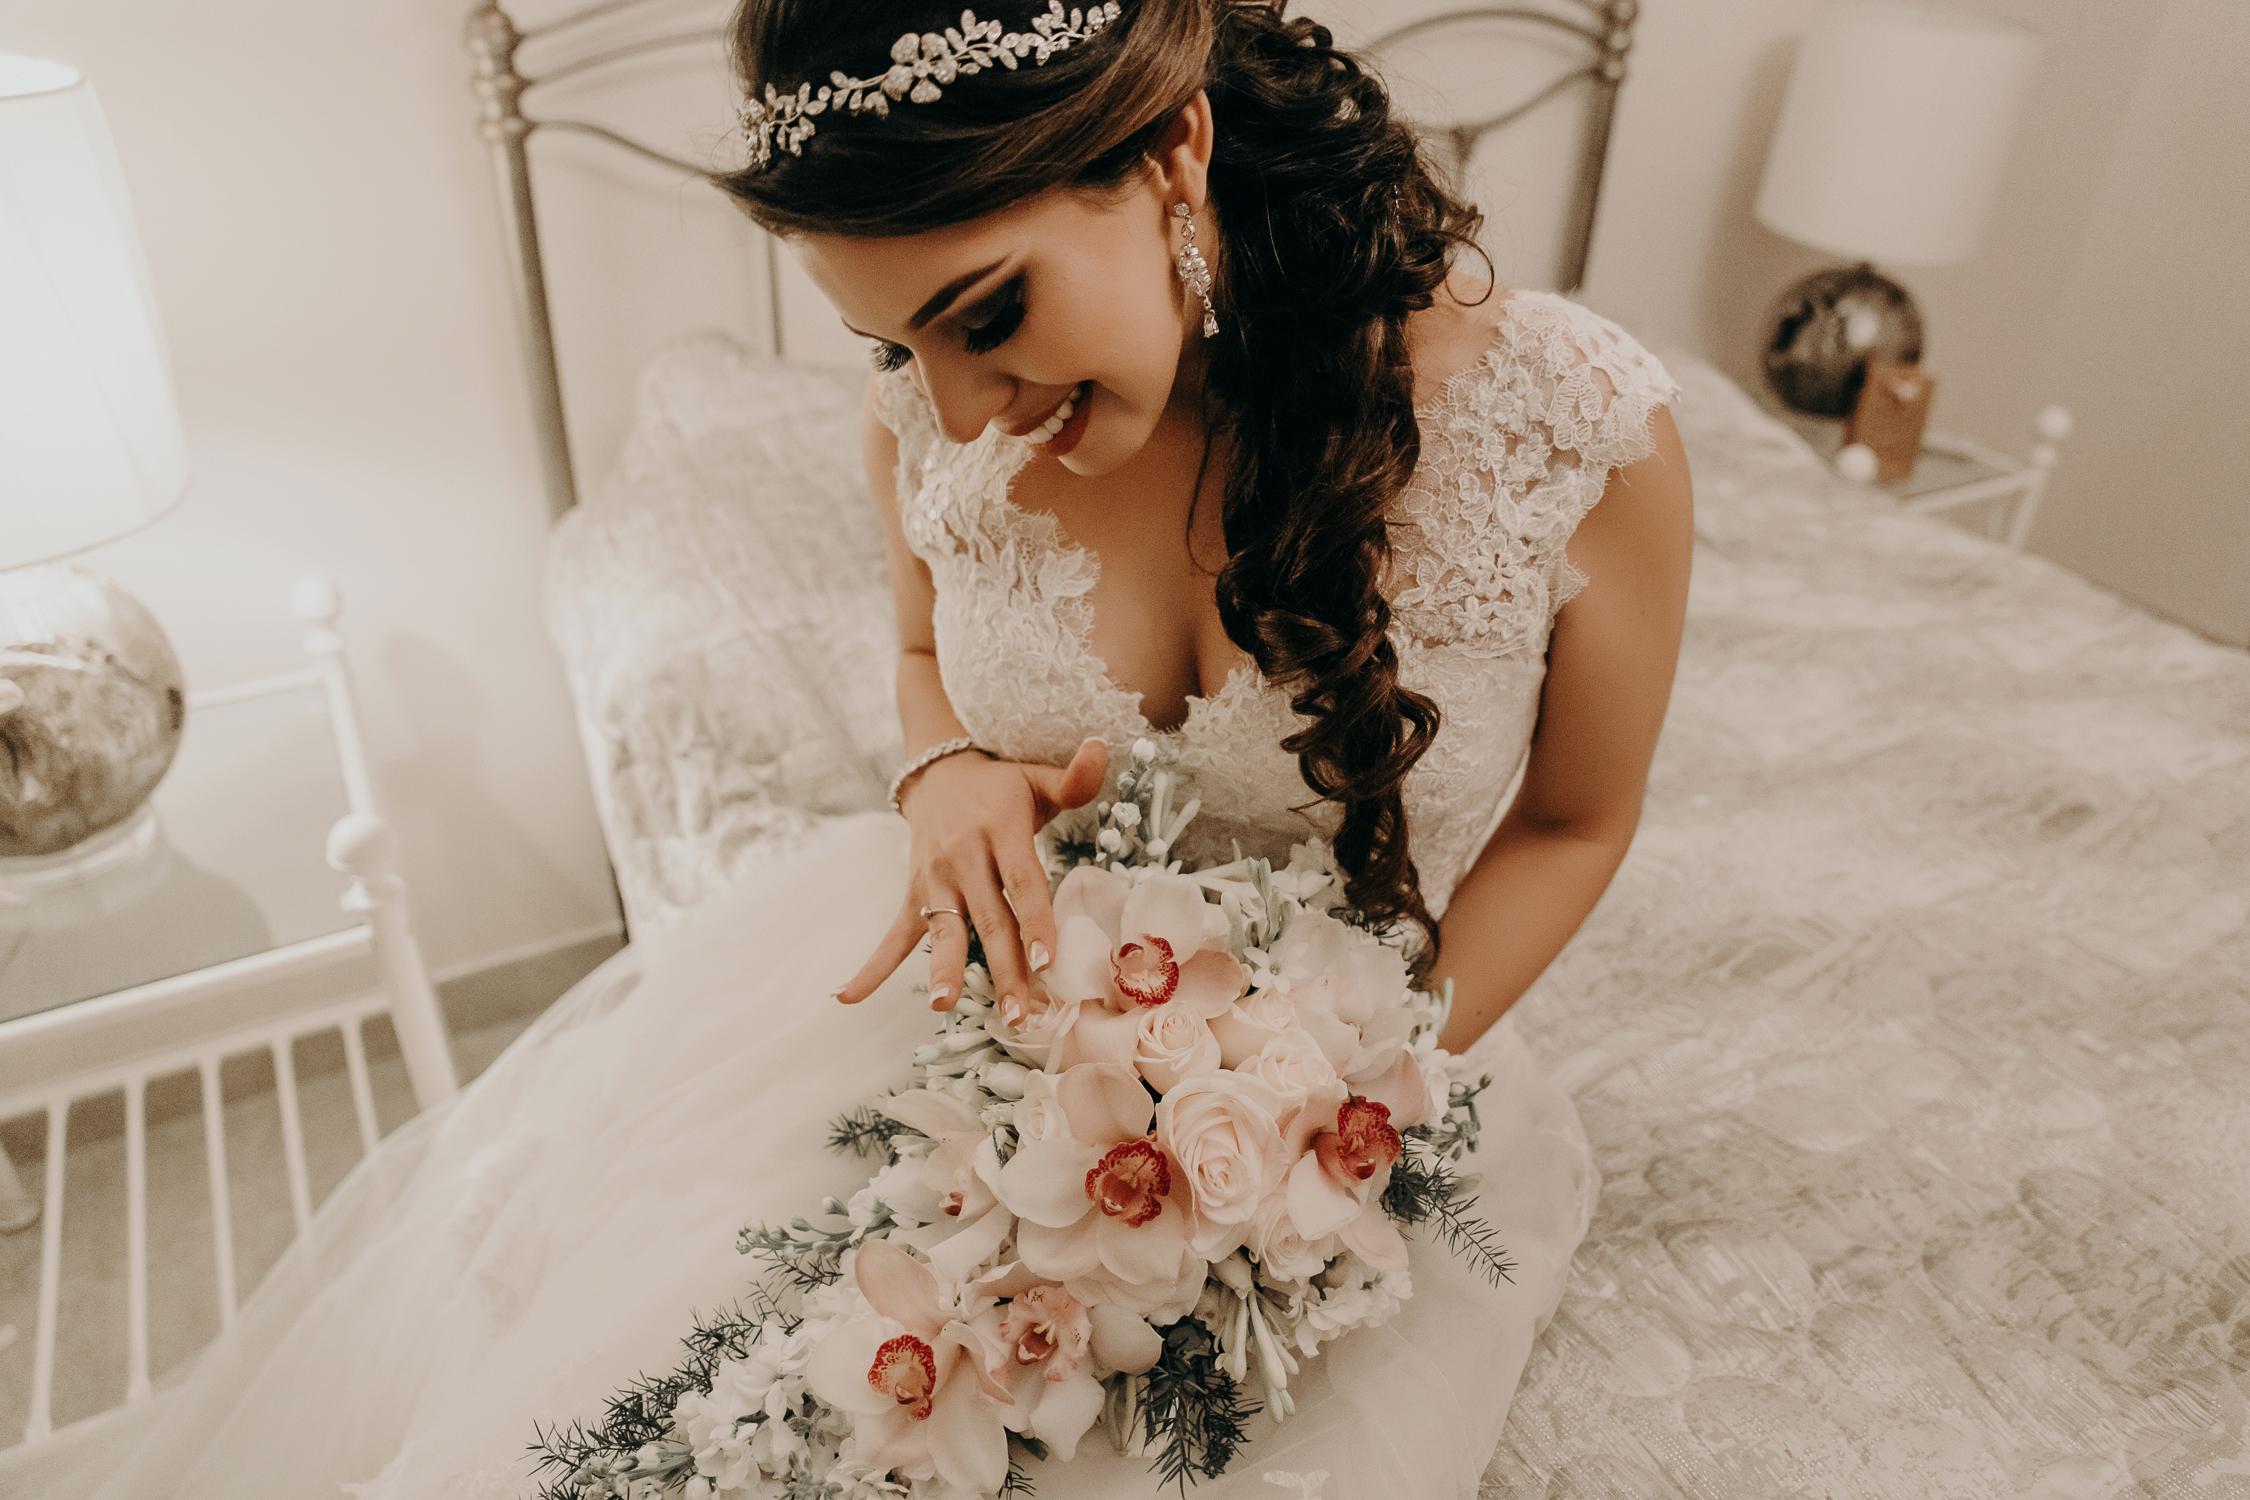 Michelle-Agurto-Fotografia-Bodas-Ecuador-Destination-Wedding-Photographer-Patricia-Guido-49.JPG